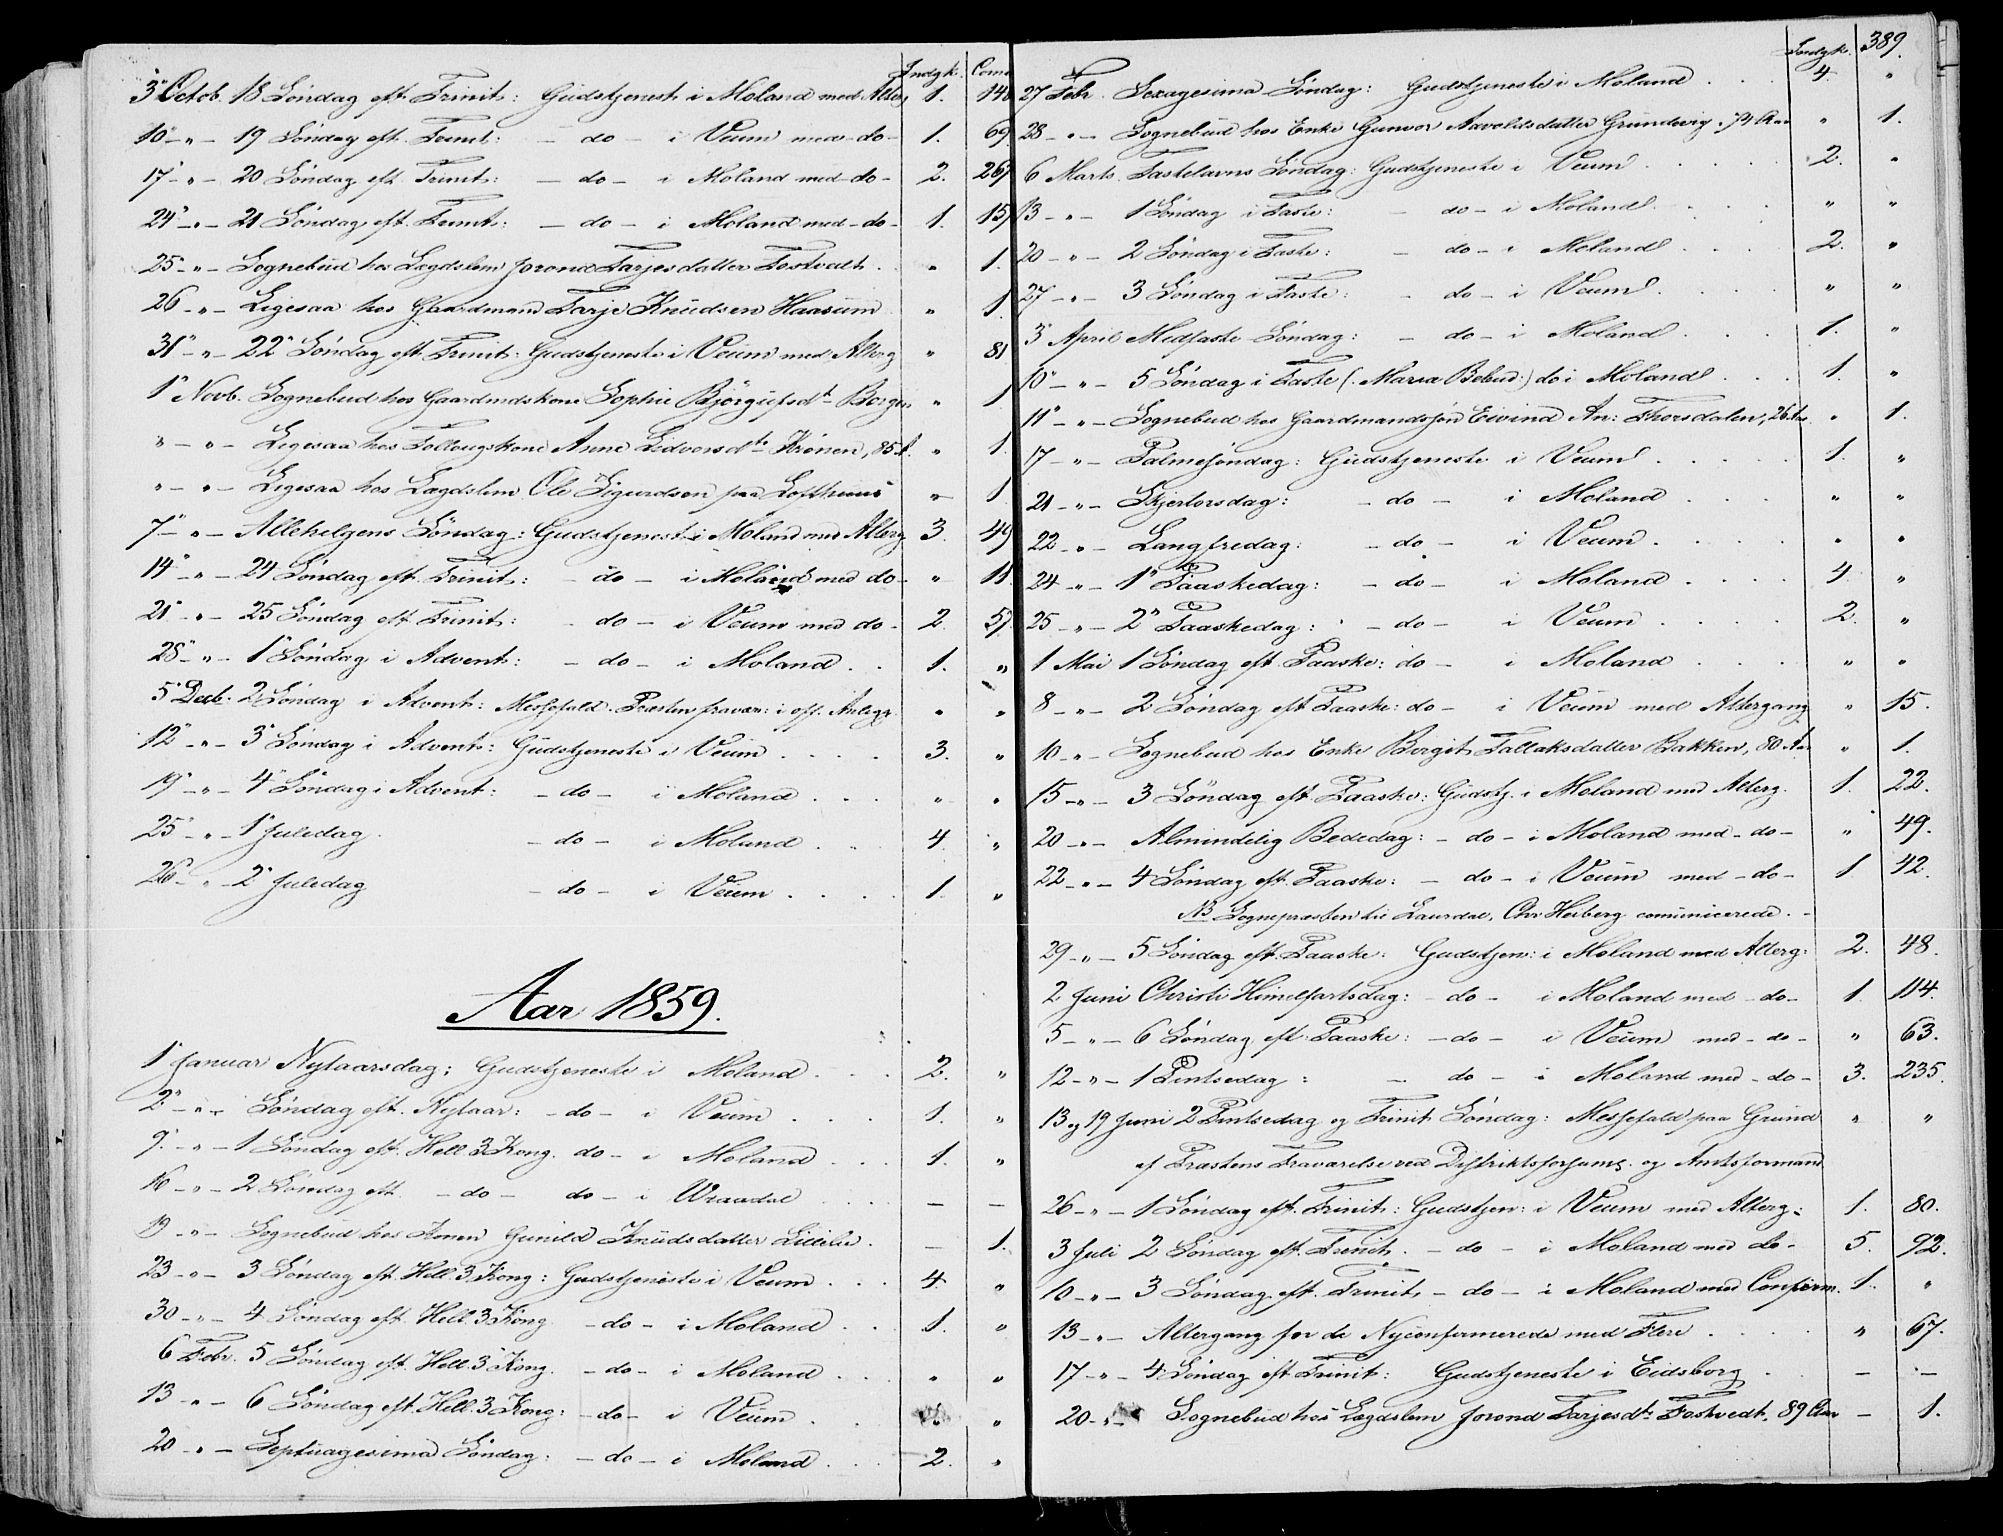 SAKO, Fyresdal kirkebøker, F/Fa/L0005: Ministerialbok nr. I 5, 1855-1871, s. 389